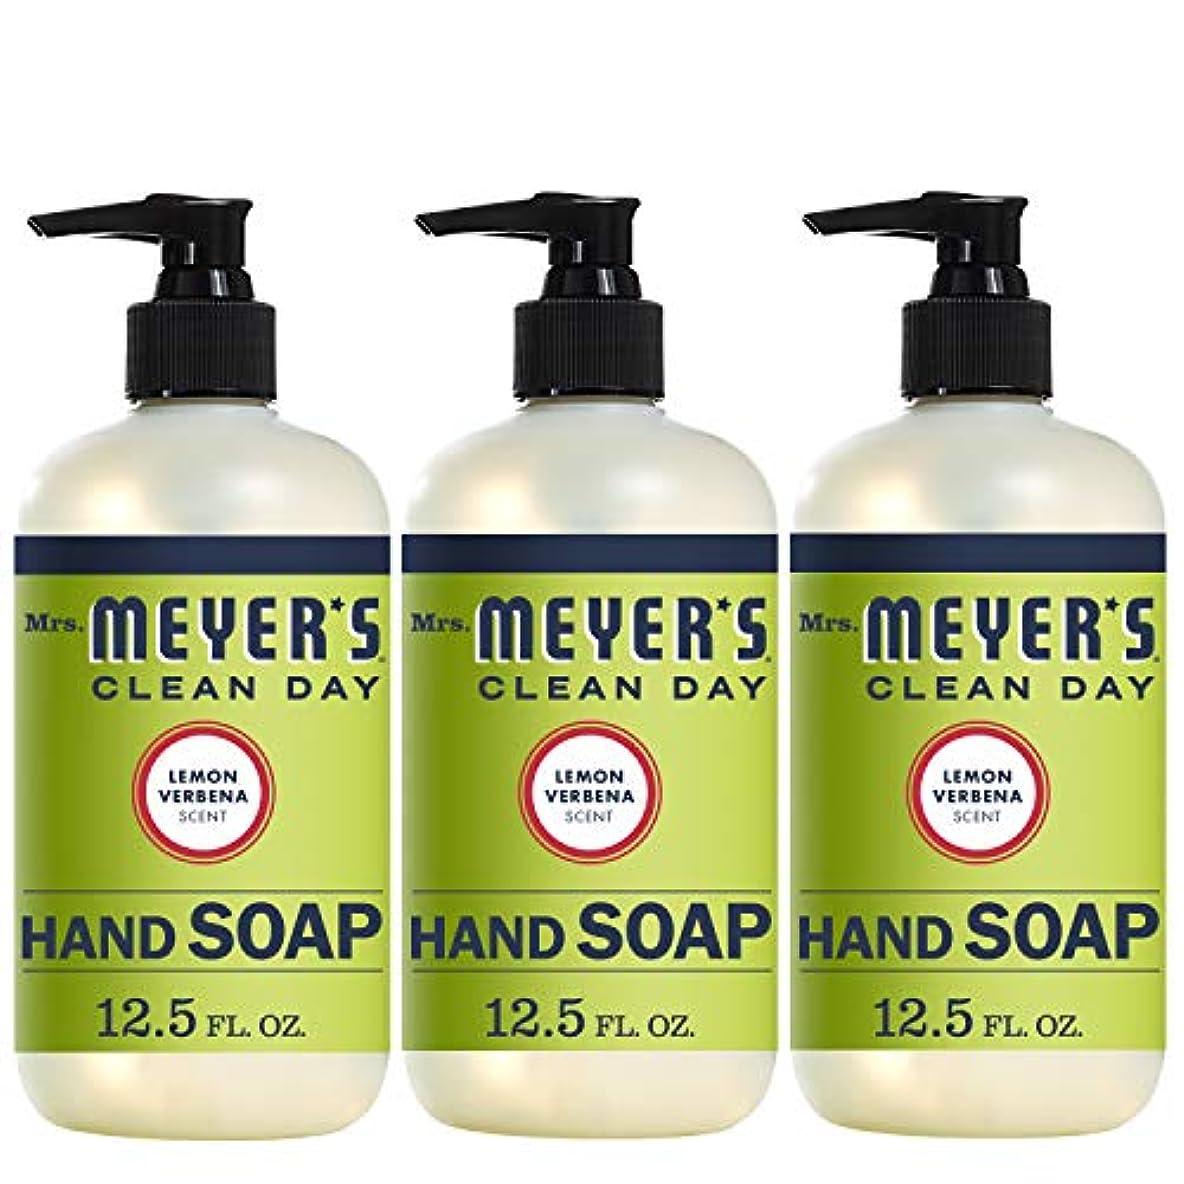 文明化質量無心Mrs. Meyers Clean Day ハンドソープ レモン Verbena 12.5液量オンス